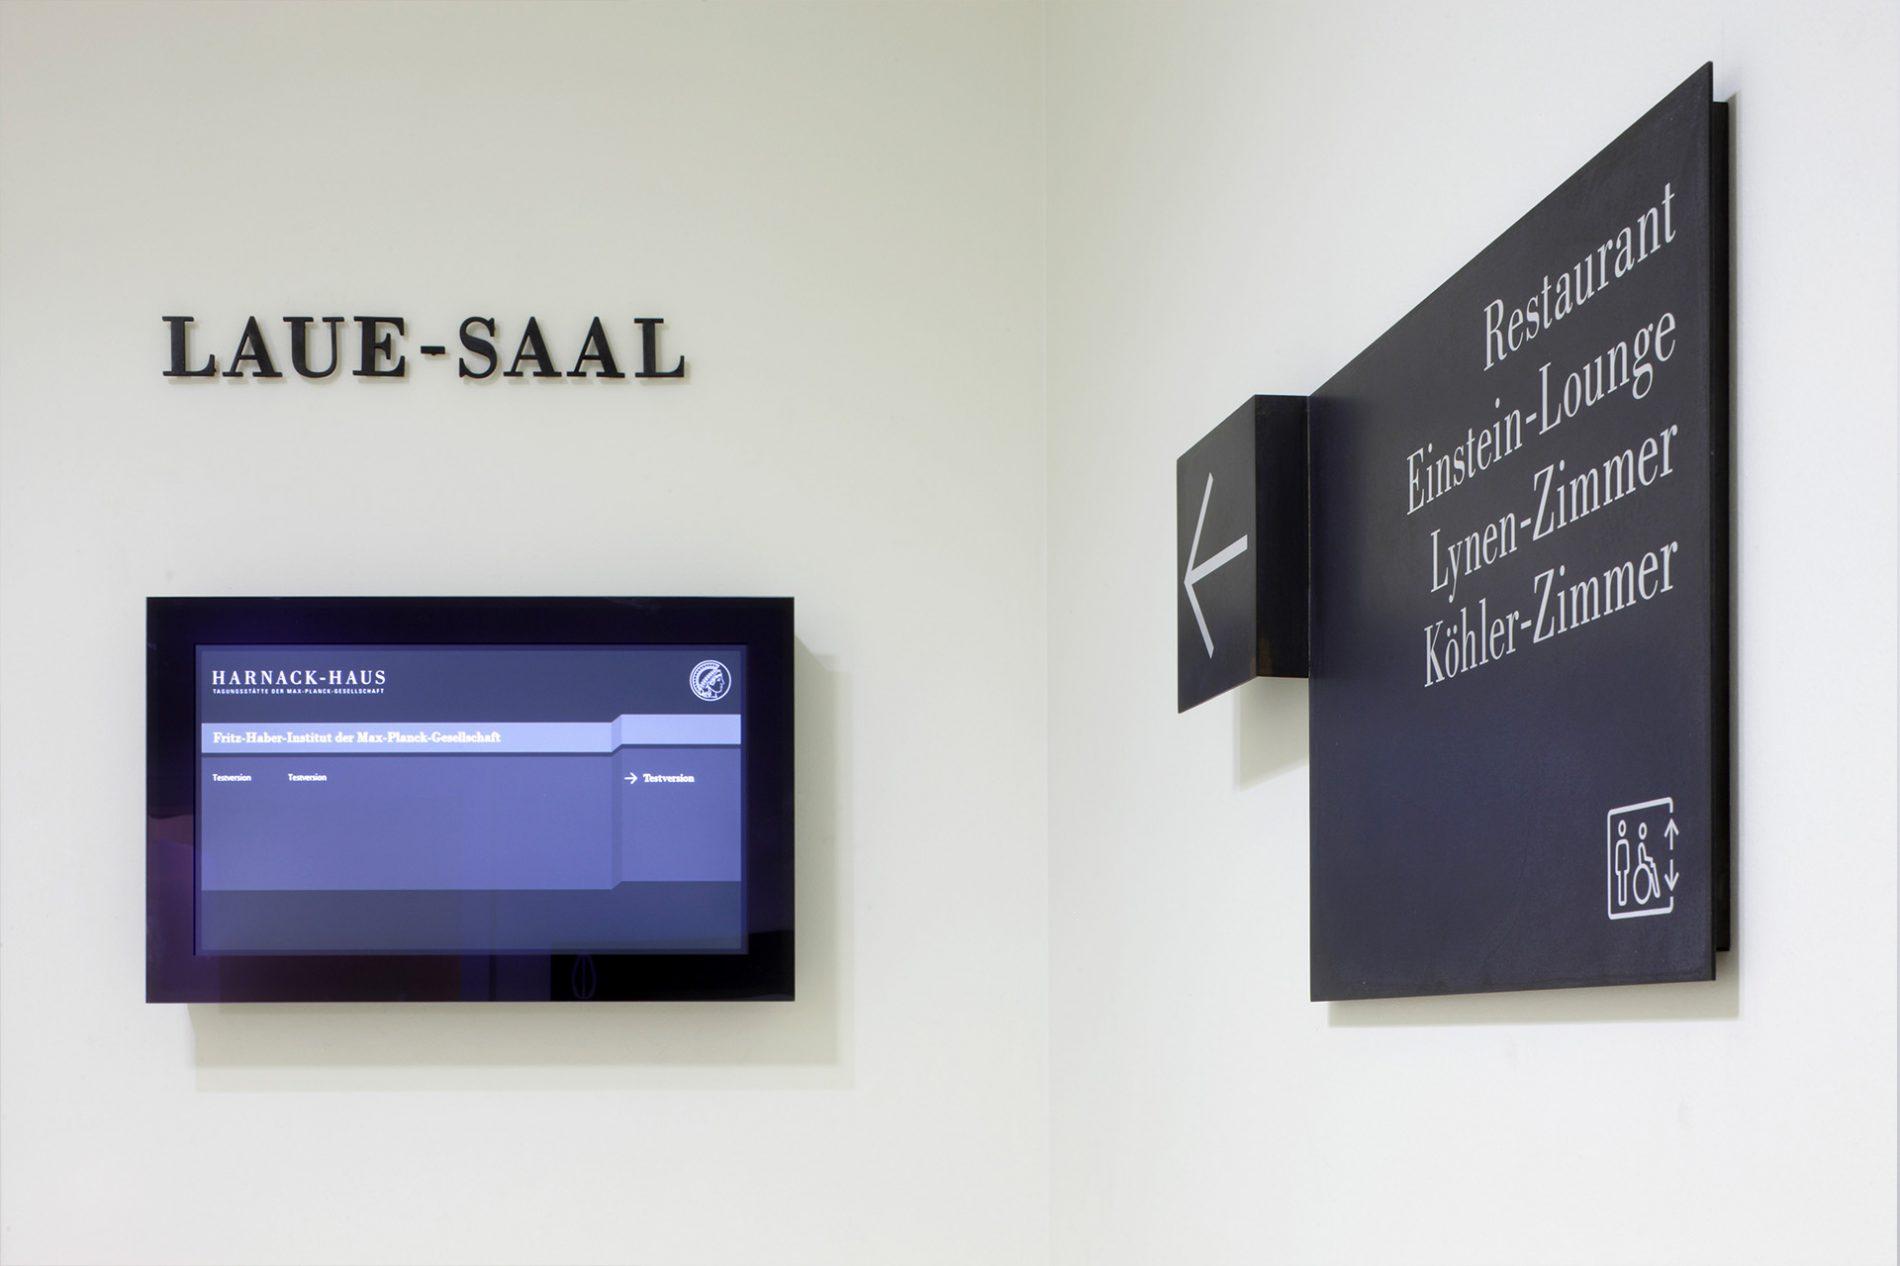 Harnack-Haus会议中心导视系统设计©KSV